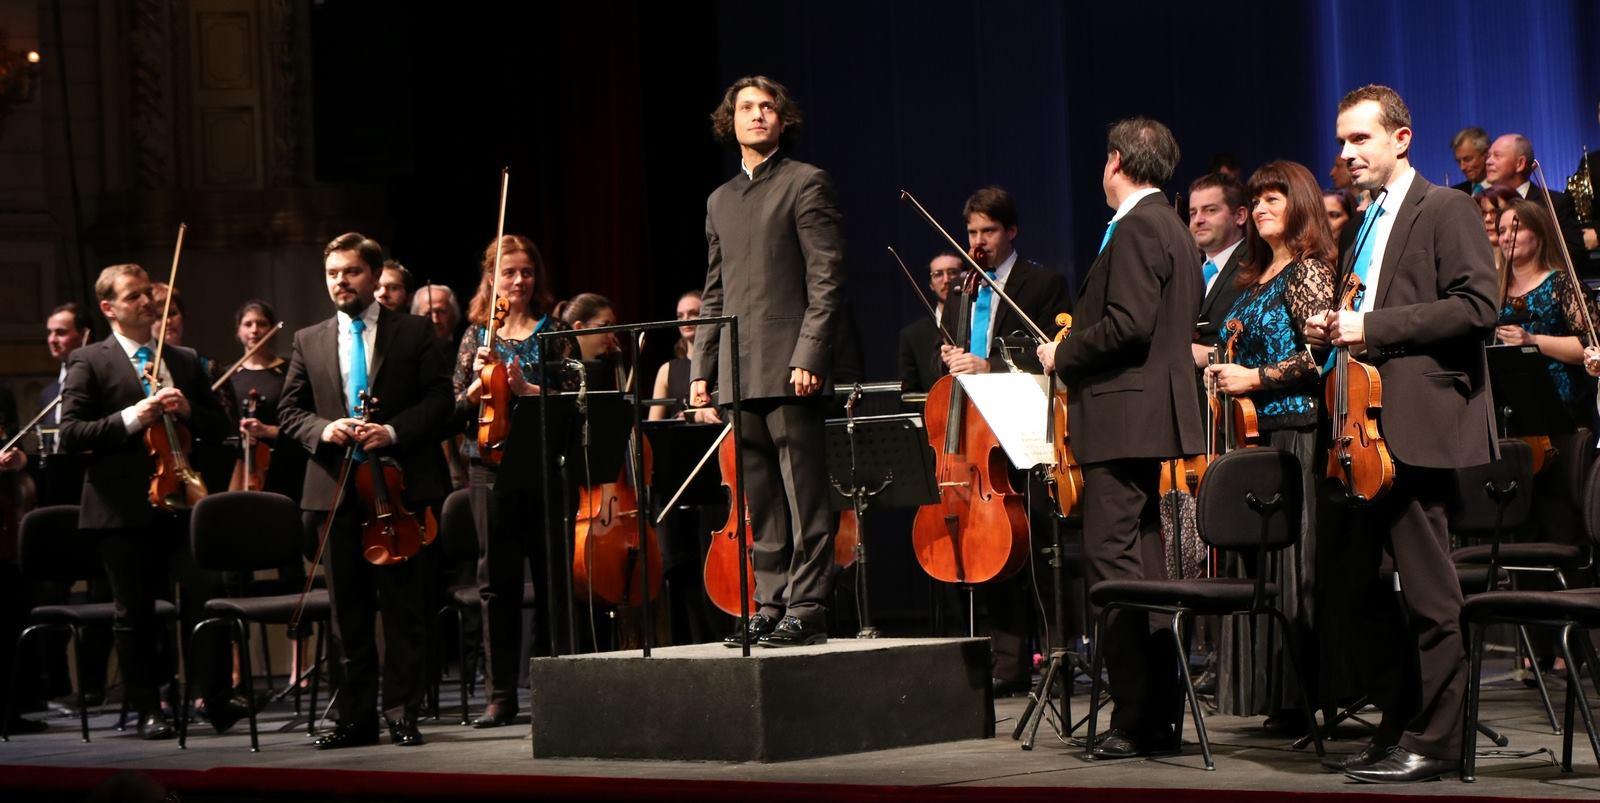 Novogodišnji koncerti u riječkom HNK Ivana pl. Zajca